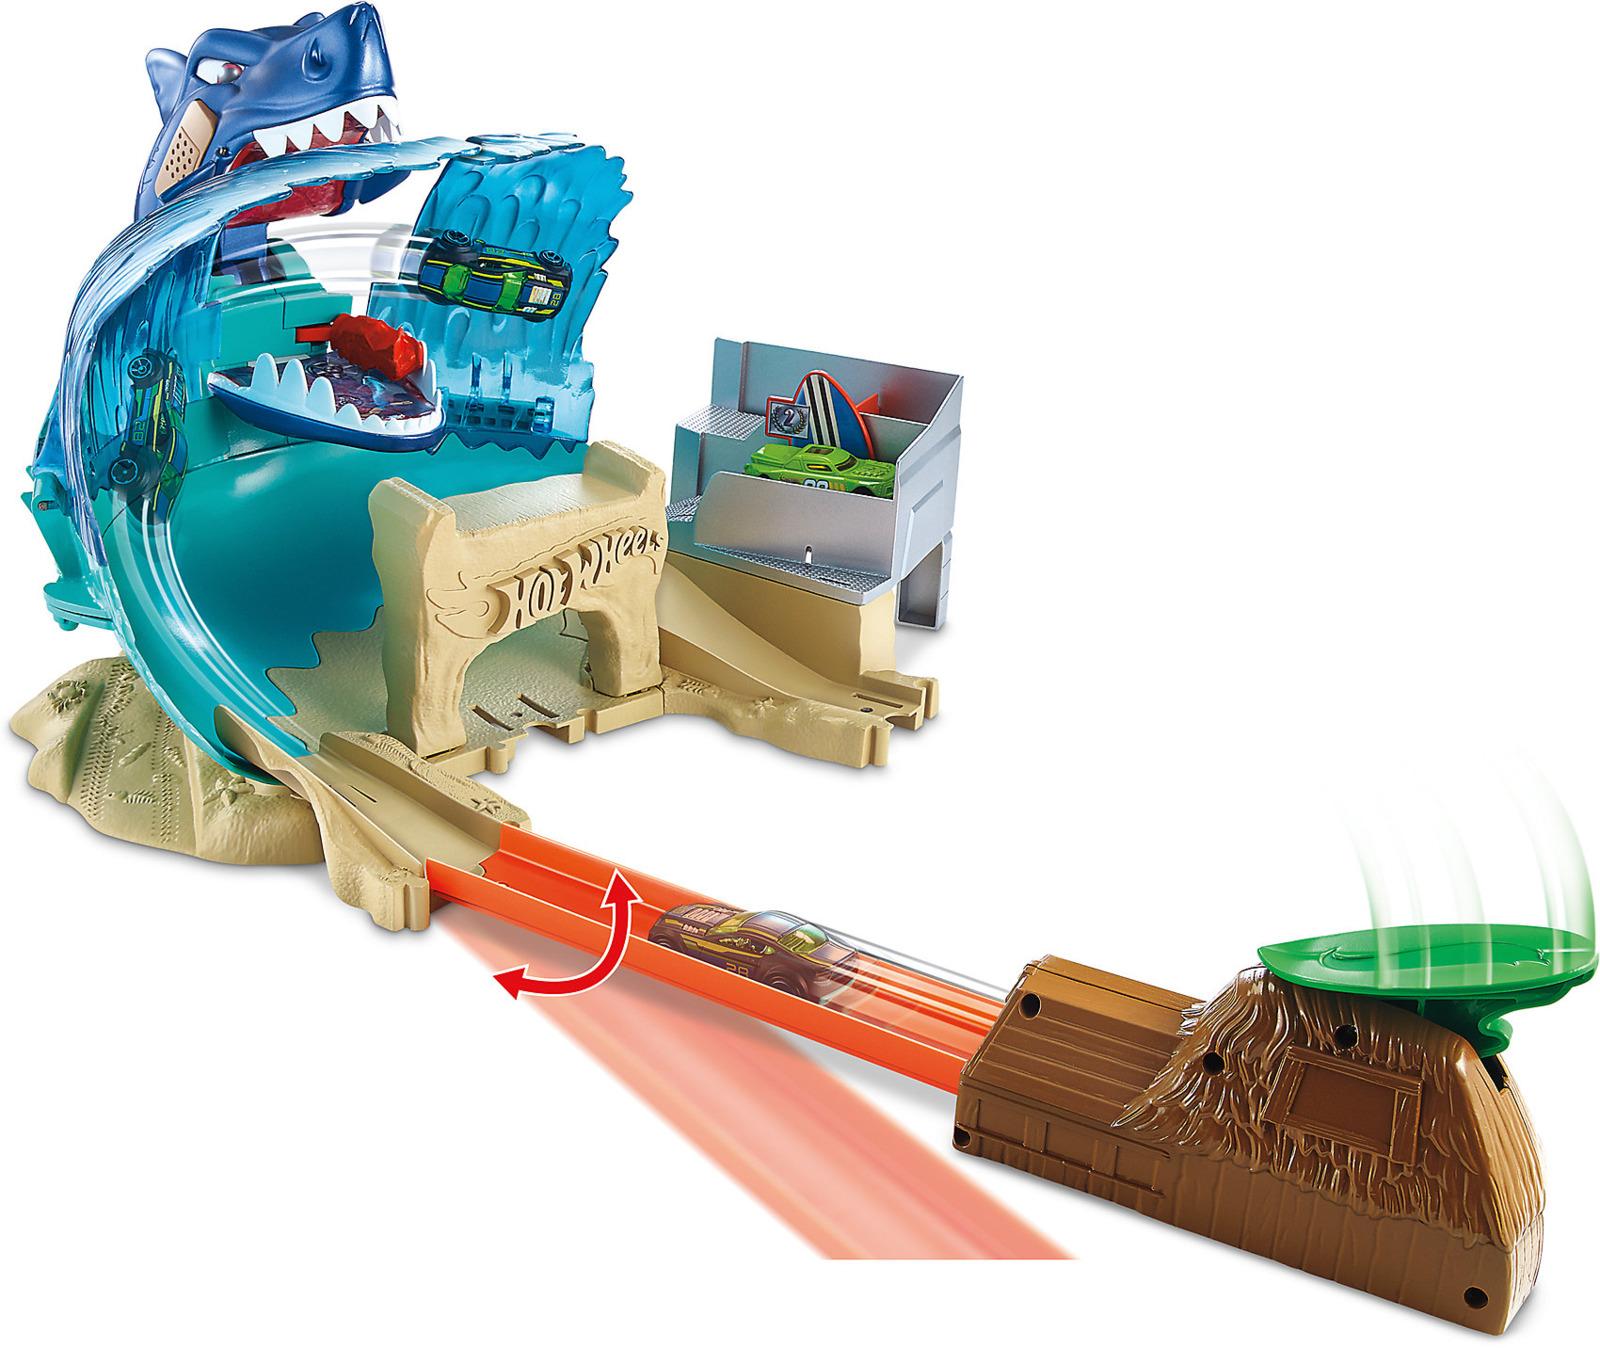 Hot Wheels Игрушечный трек Схватка с акулойFNB21Гигантская акула атакует город Hot Wheels и угрожает сорвать соревнования по серфингу! Нужно пустить машинку так, чтобы прорваться сквозь волны и увернуться от броска акулы. Ого, акула поймала машинку в свои огромные челюсти! Чтобы ее спасти, нужно запустить еще одну машинку. Прицелитесь и победите акулу на полной скорости! Когда акула побеждена, волна резко опадает и машинки освобождаются! Удивительные функции большого тематического пляжного набора подарят детям часы увлекательных игр. Можно дрейфовать по волне и приземляться на трибунах, чтобы набрать очки в соревнованиях по серфингу! А соединяя набор с другими городскими наборами, можно строить город Hot Wheels. Наборы для игры в город совместимы с оранжевой трассой и другими наборами. В набор входит тематическая пусковая установка в стиле тики и одна машинка Hot Wheels. О продукте: Большой набор на пляжную тематику с грозной акулой, которая хватает машинки. Захватывающее приключение со спасением города Hot Wheels развивает воображение ребенка. Акулу можно победить, только точно запустив машинку в ее челюсти. Игру легко начать заново. Набор не имеет незакрепленных деталей и отличается качественным исполнением! Соединяя набор с другими городскими наборами, можно строить город Hot Wheels. Новые наборы для игры в город совместимы с оранжевой трассой и другими наборами.